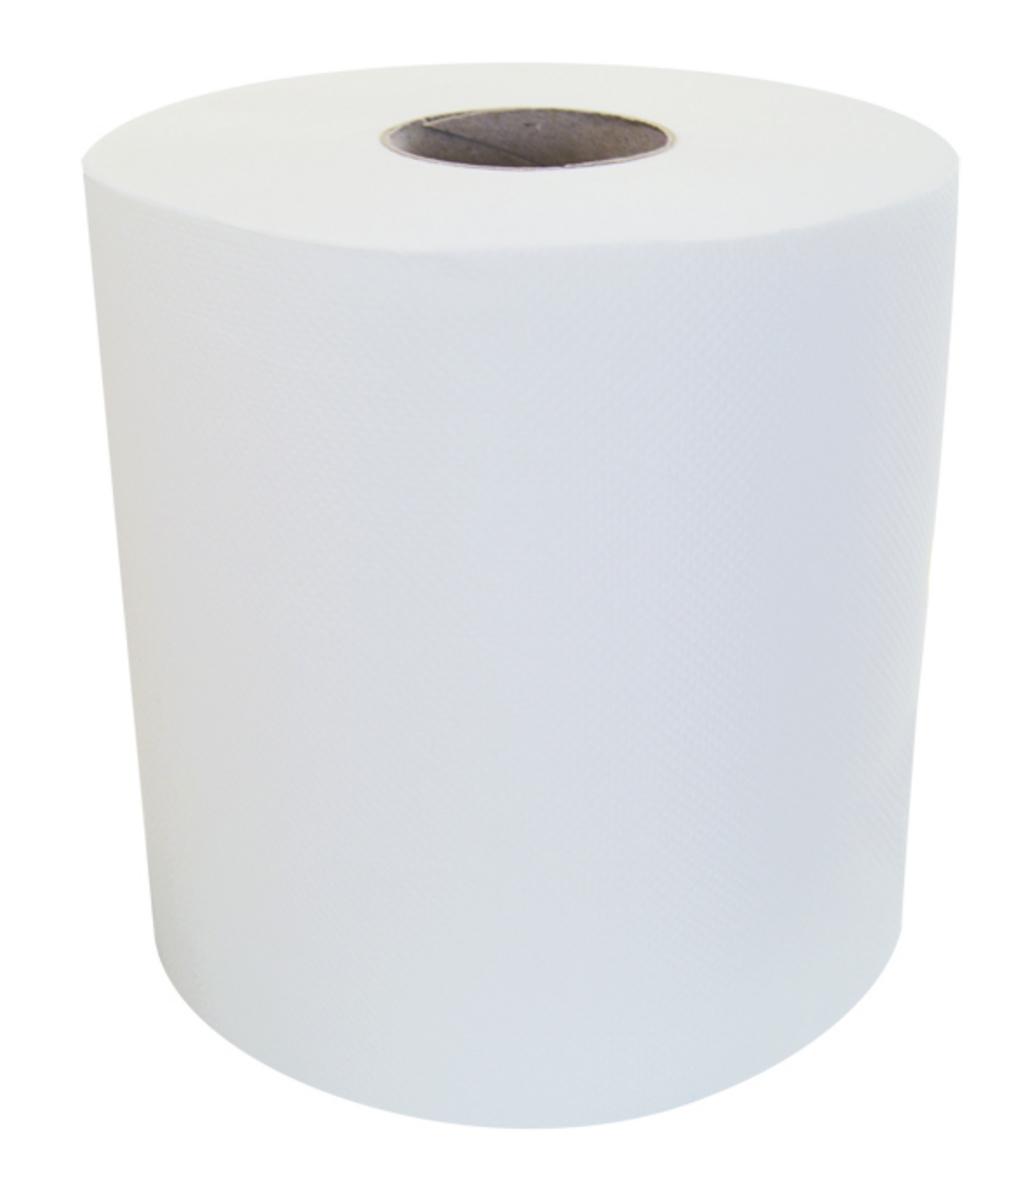 Bobine 450 format blanc ouate de cellulose 22x18,30 cm (6 pièces)